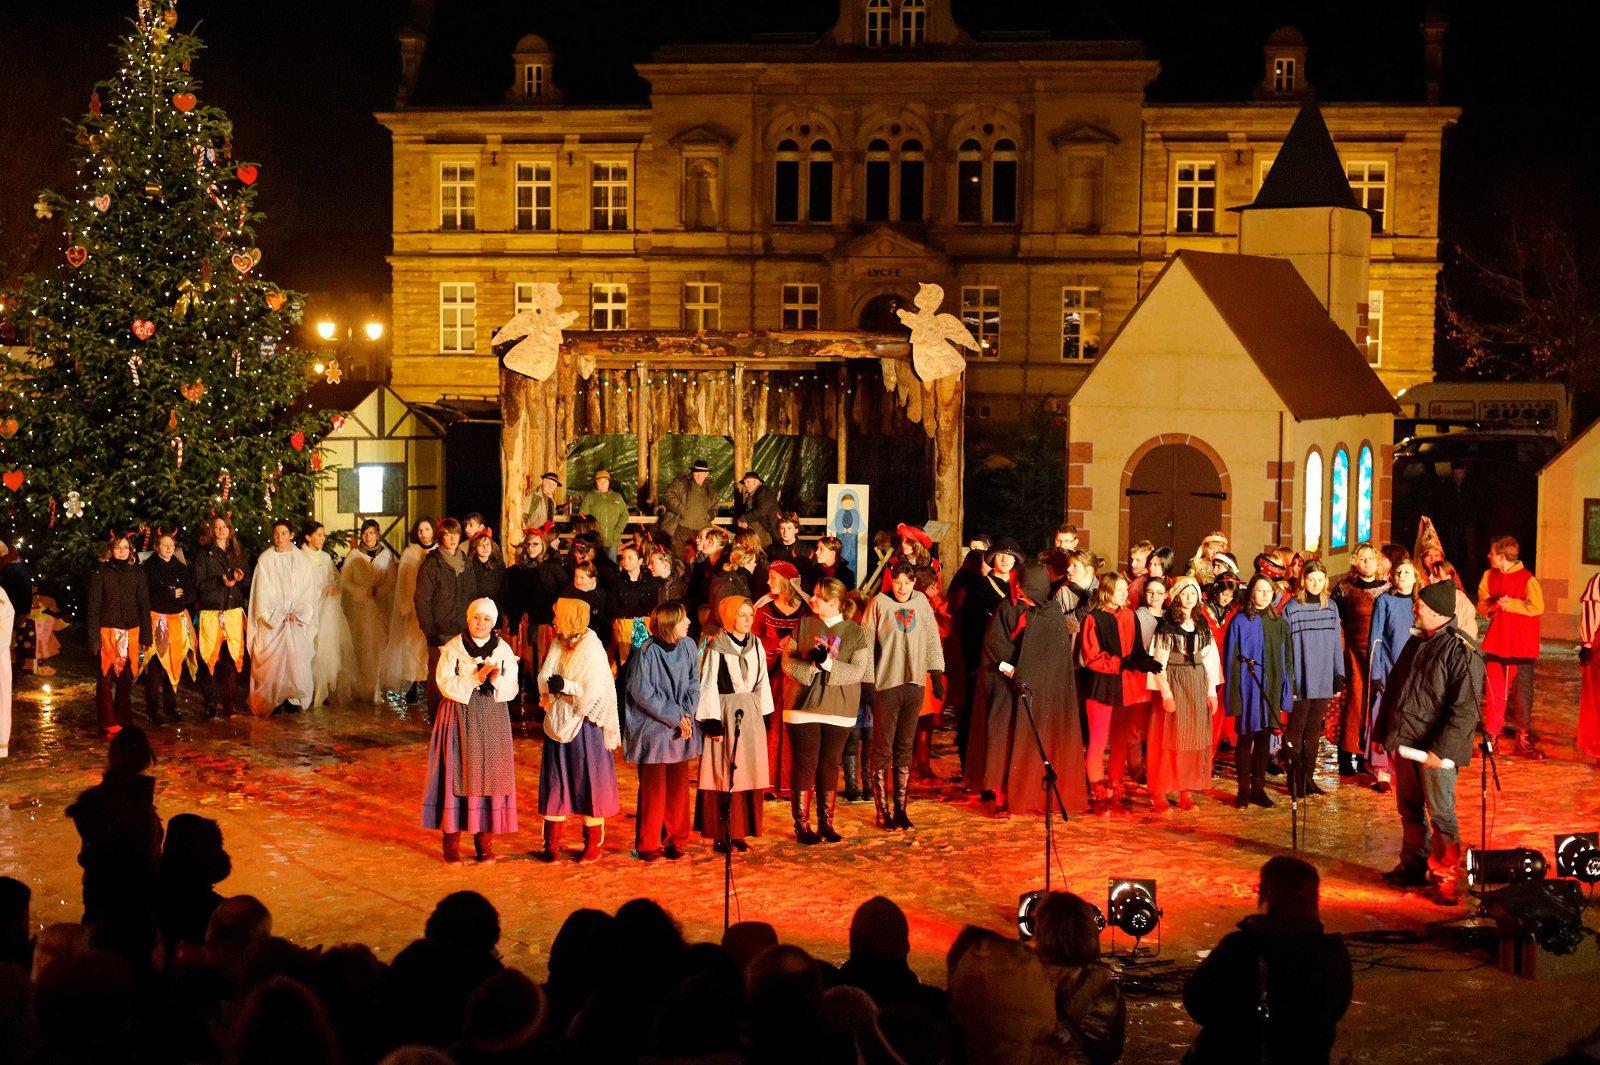 spectacle noel Spectacle de Noël et merveilles   Bouxwiller spectacle noel